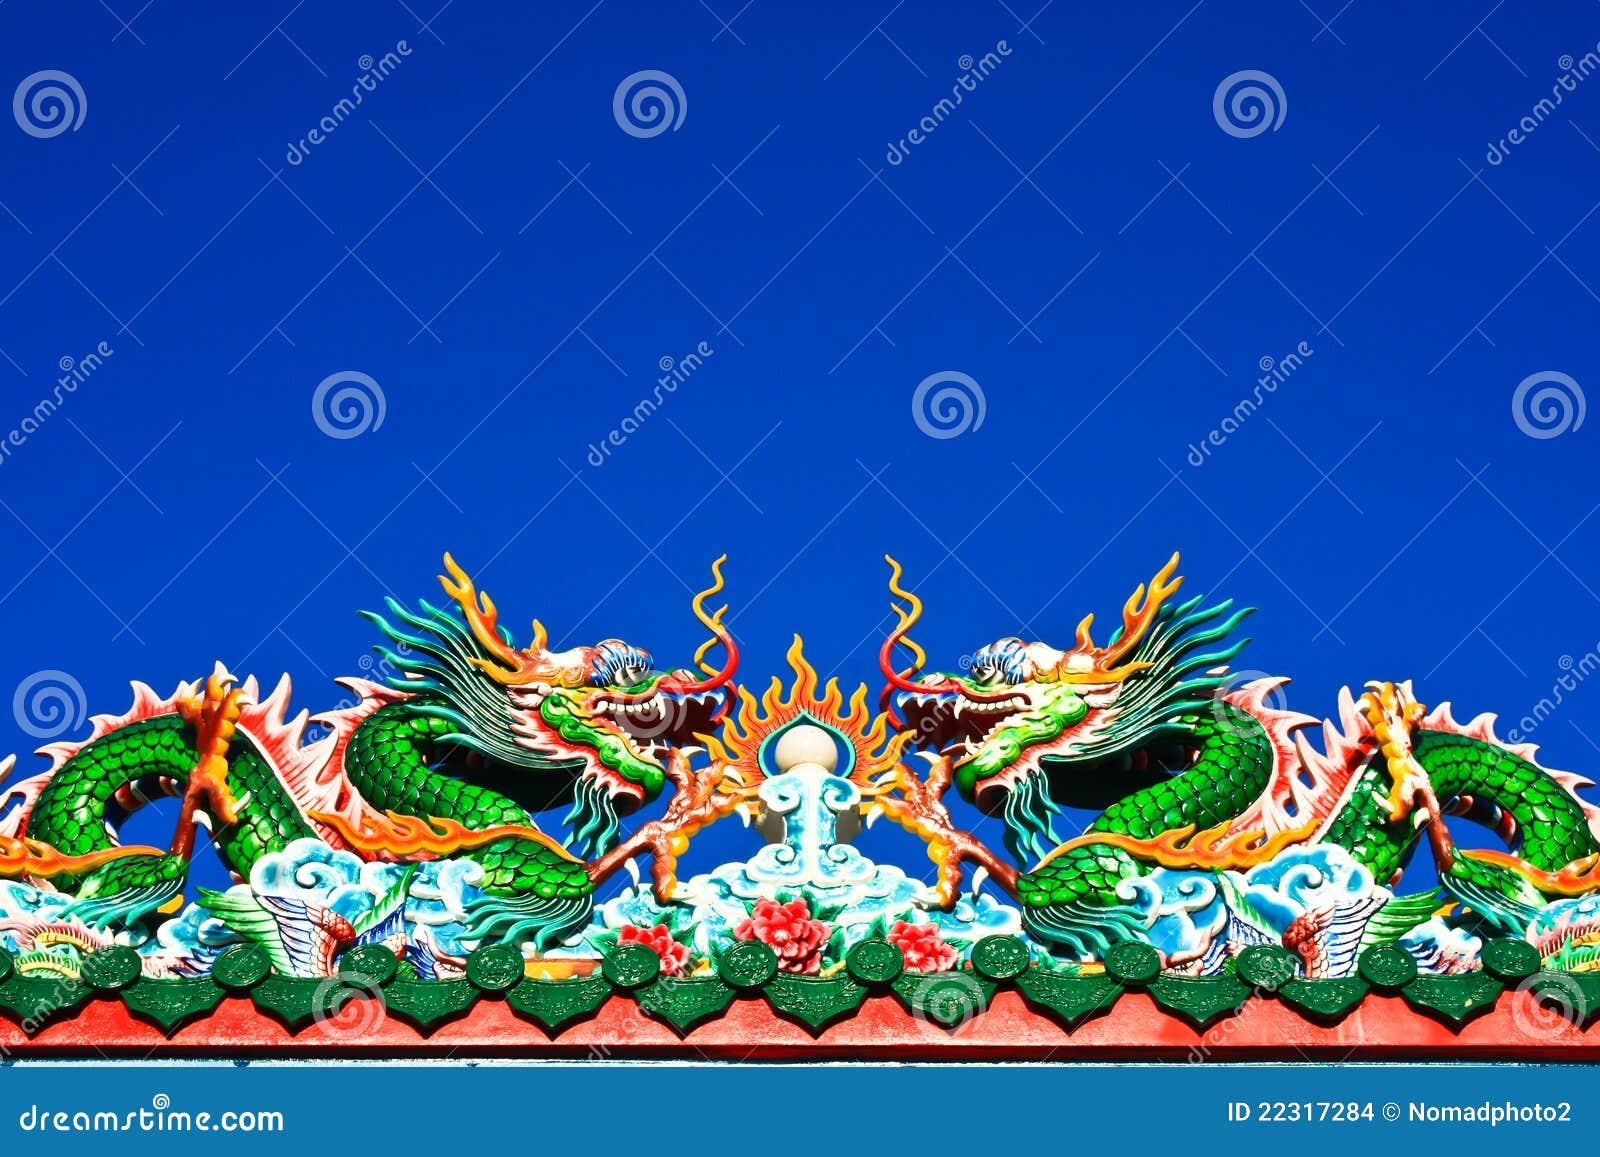 艺术中国龙屋顶